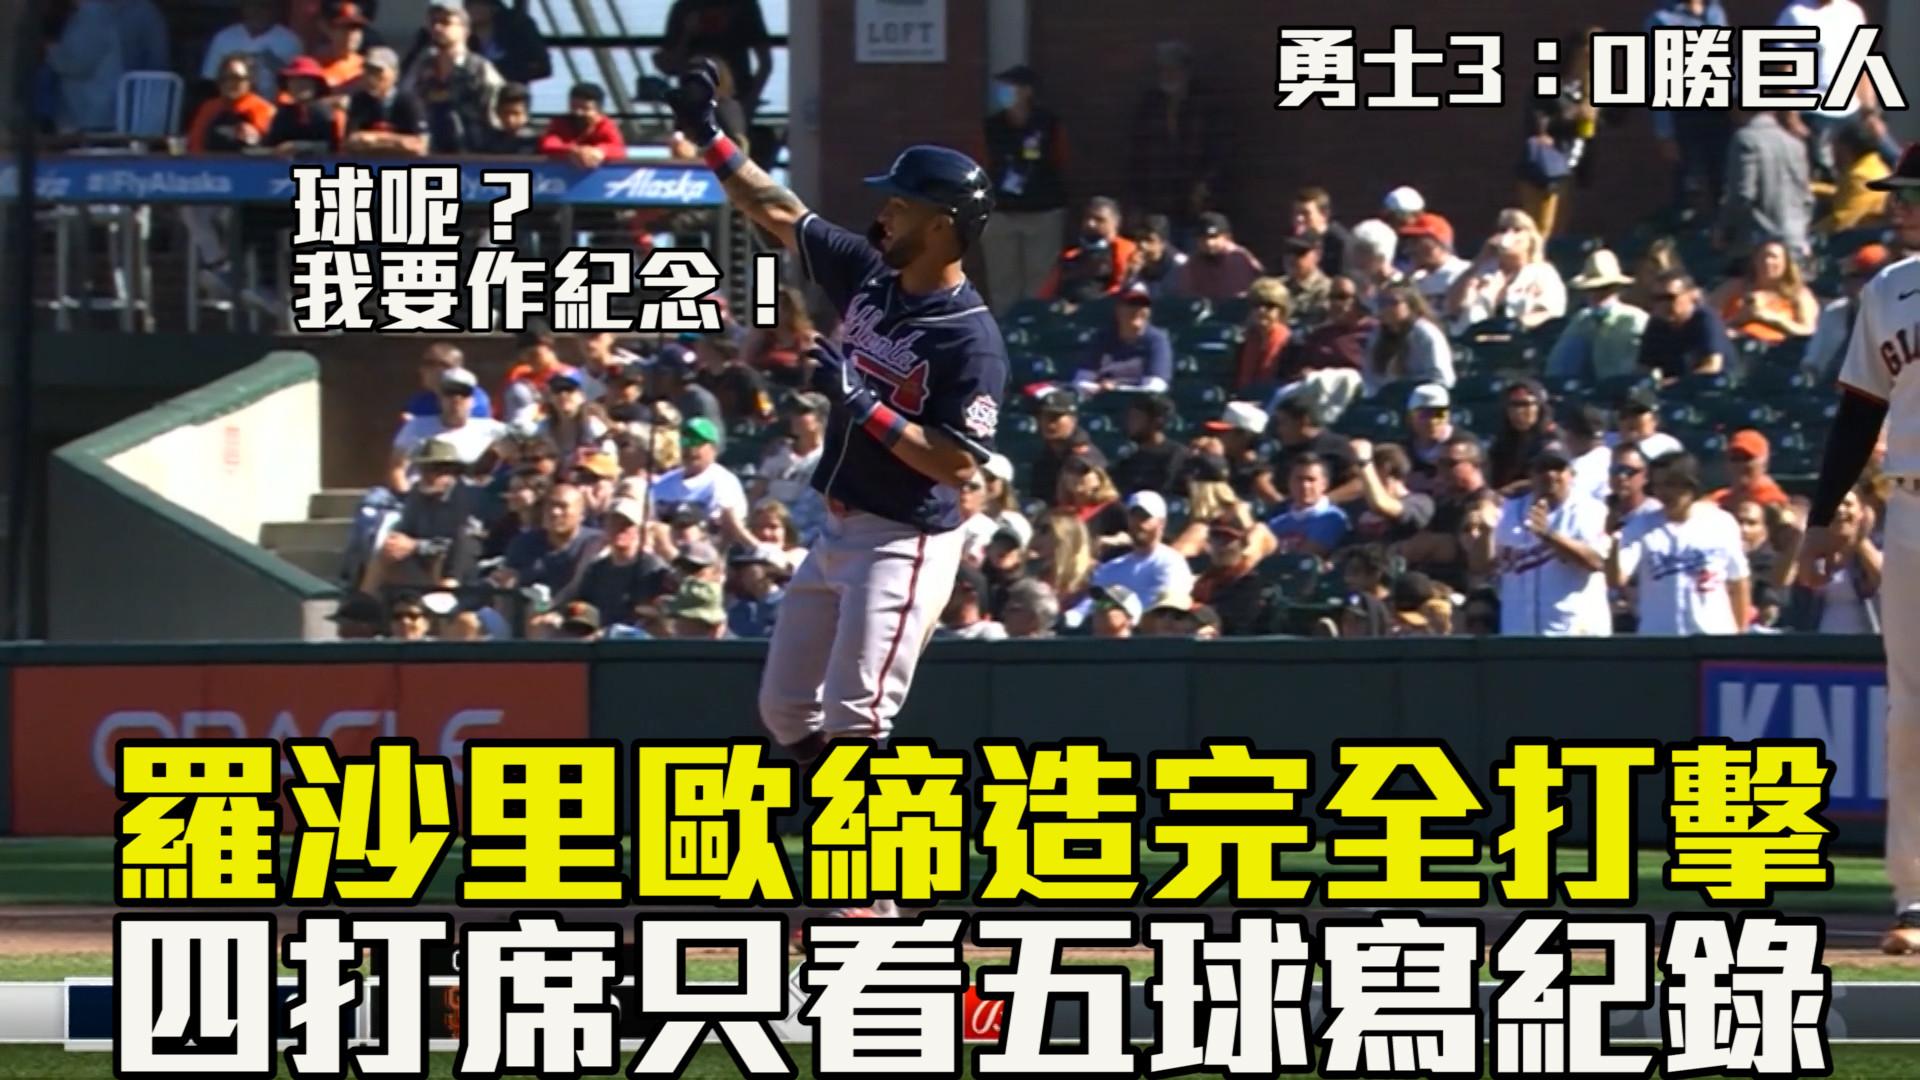 【MLB看愛爾達】羅沙里歐締完全打擊 只看五球寫紀錄 9/20